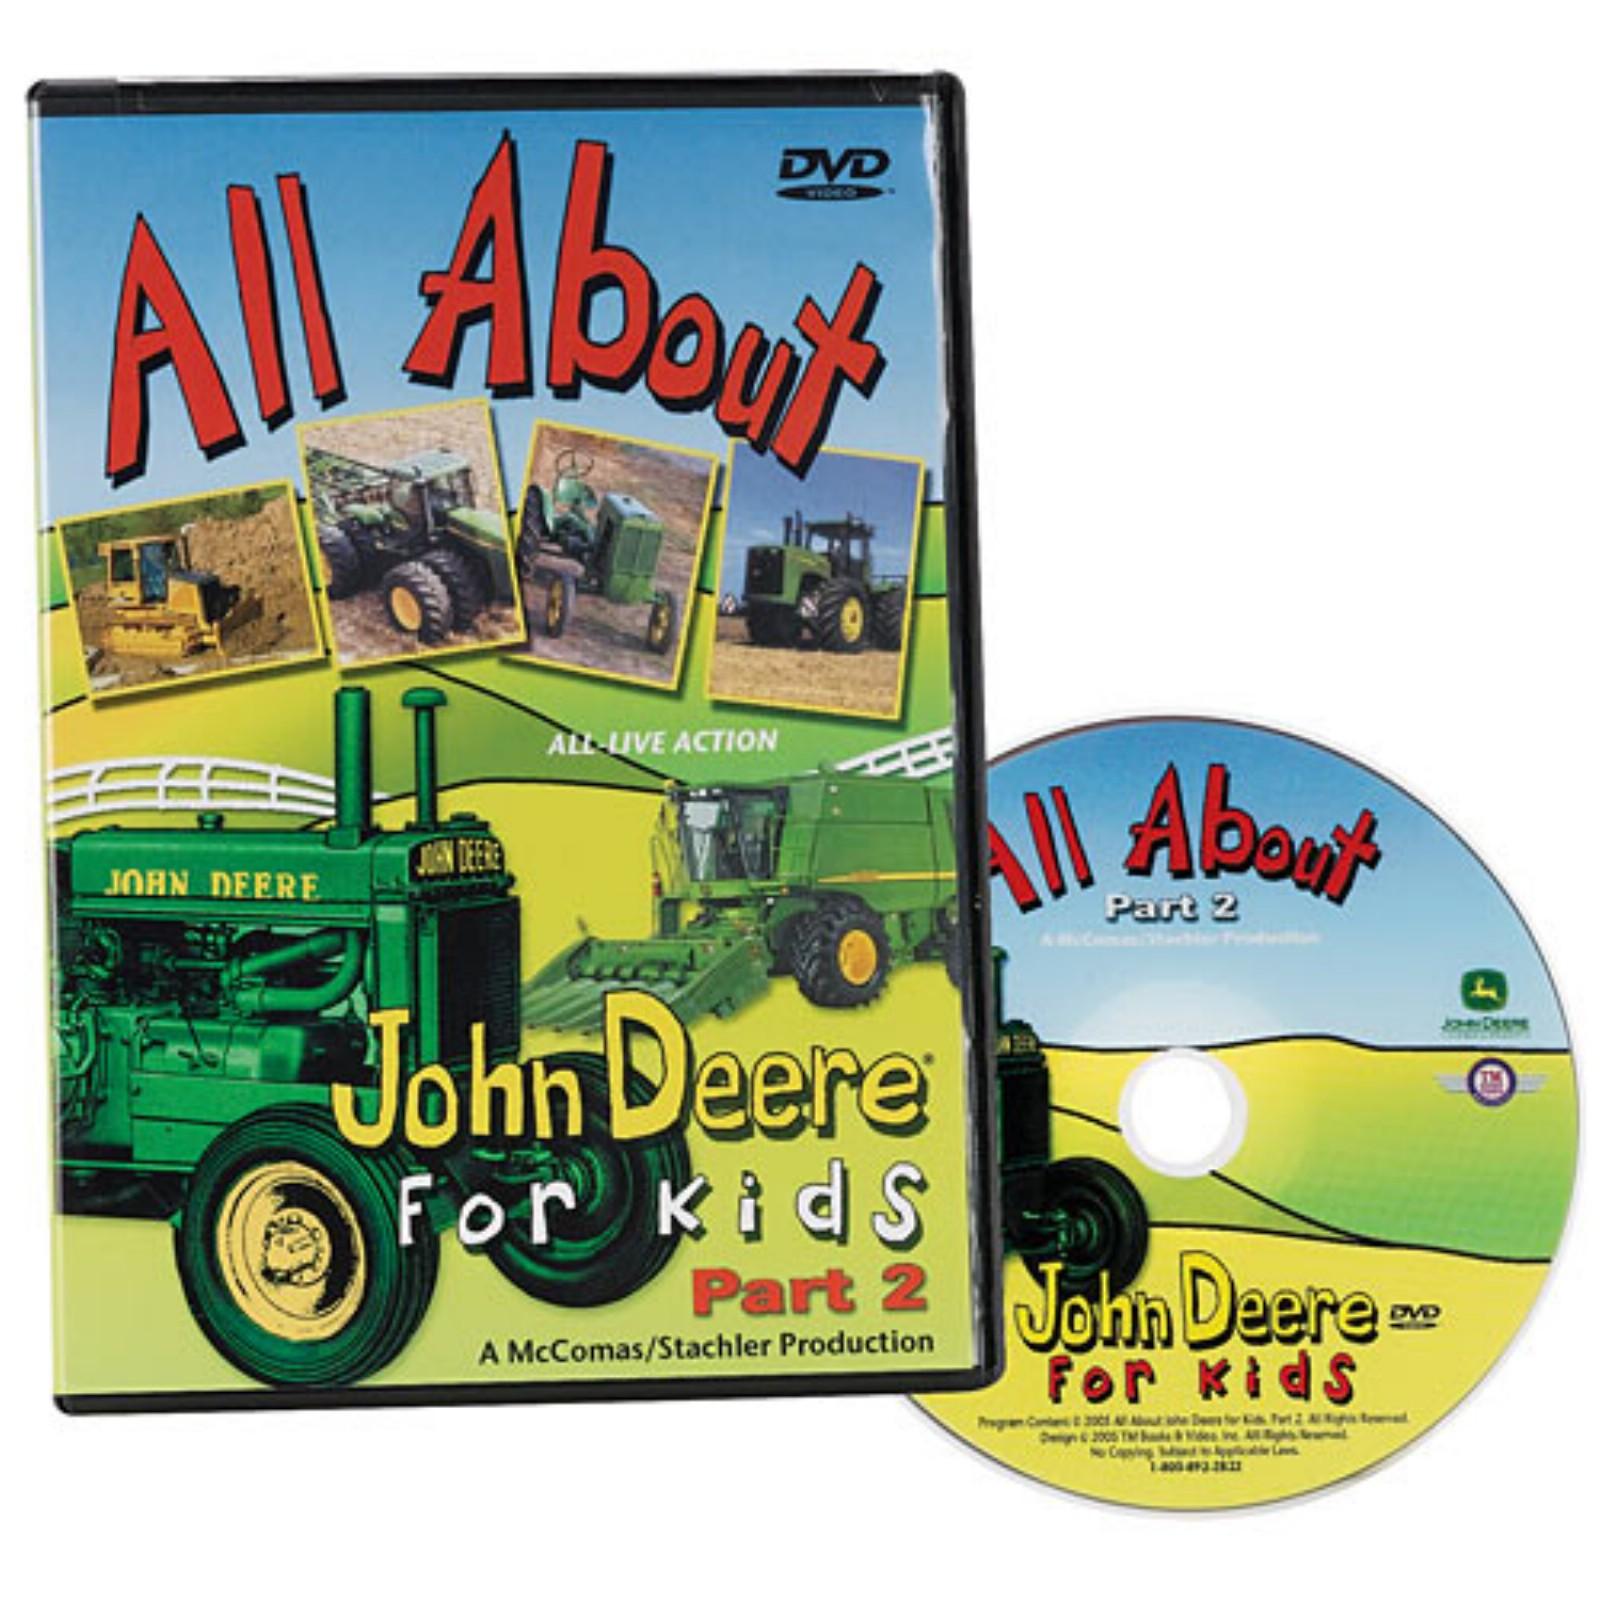 DVD: All About John Deere for Kids, Part 2 | BirthdayExpress.com